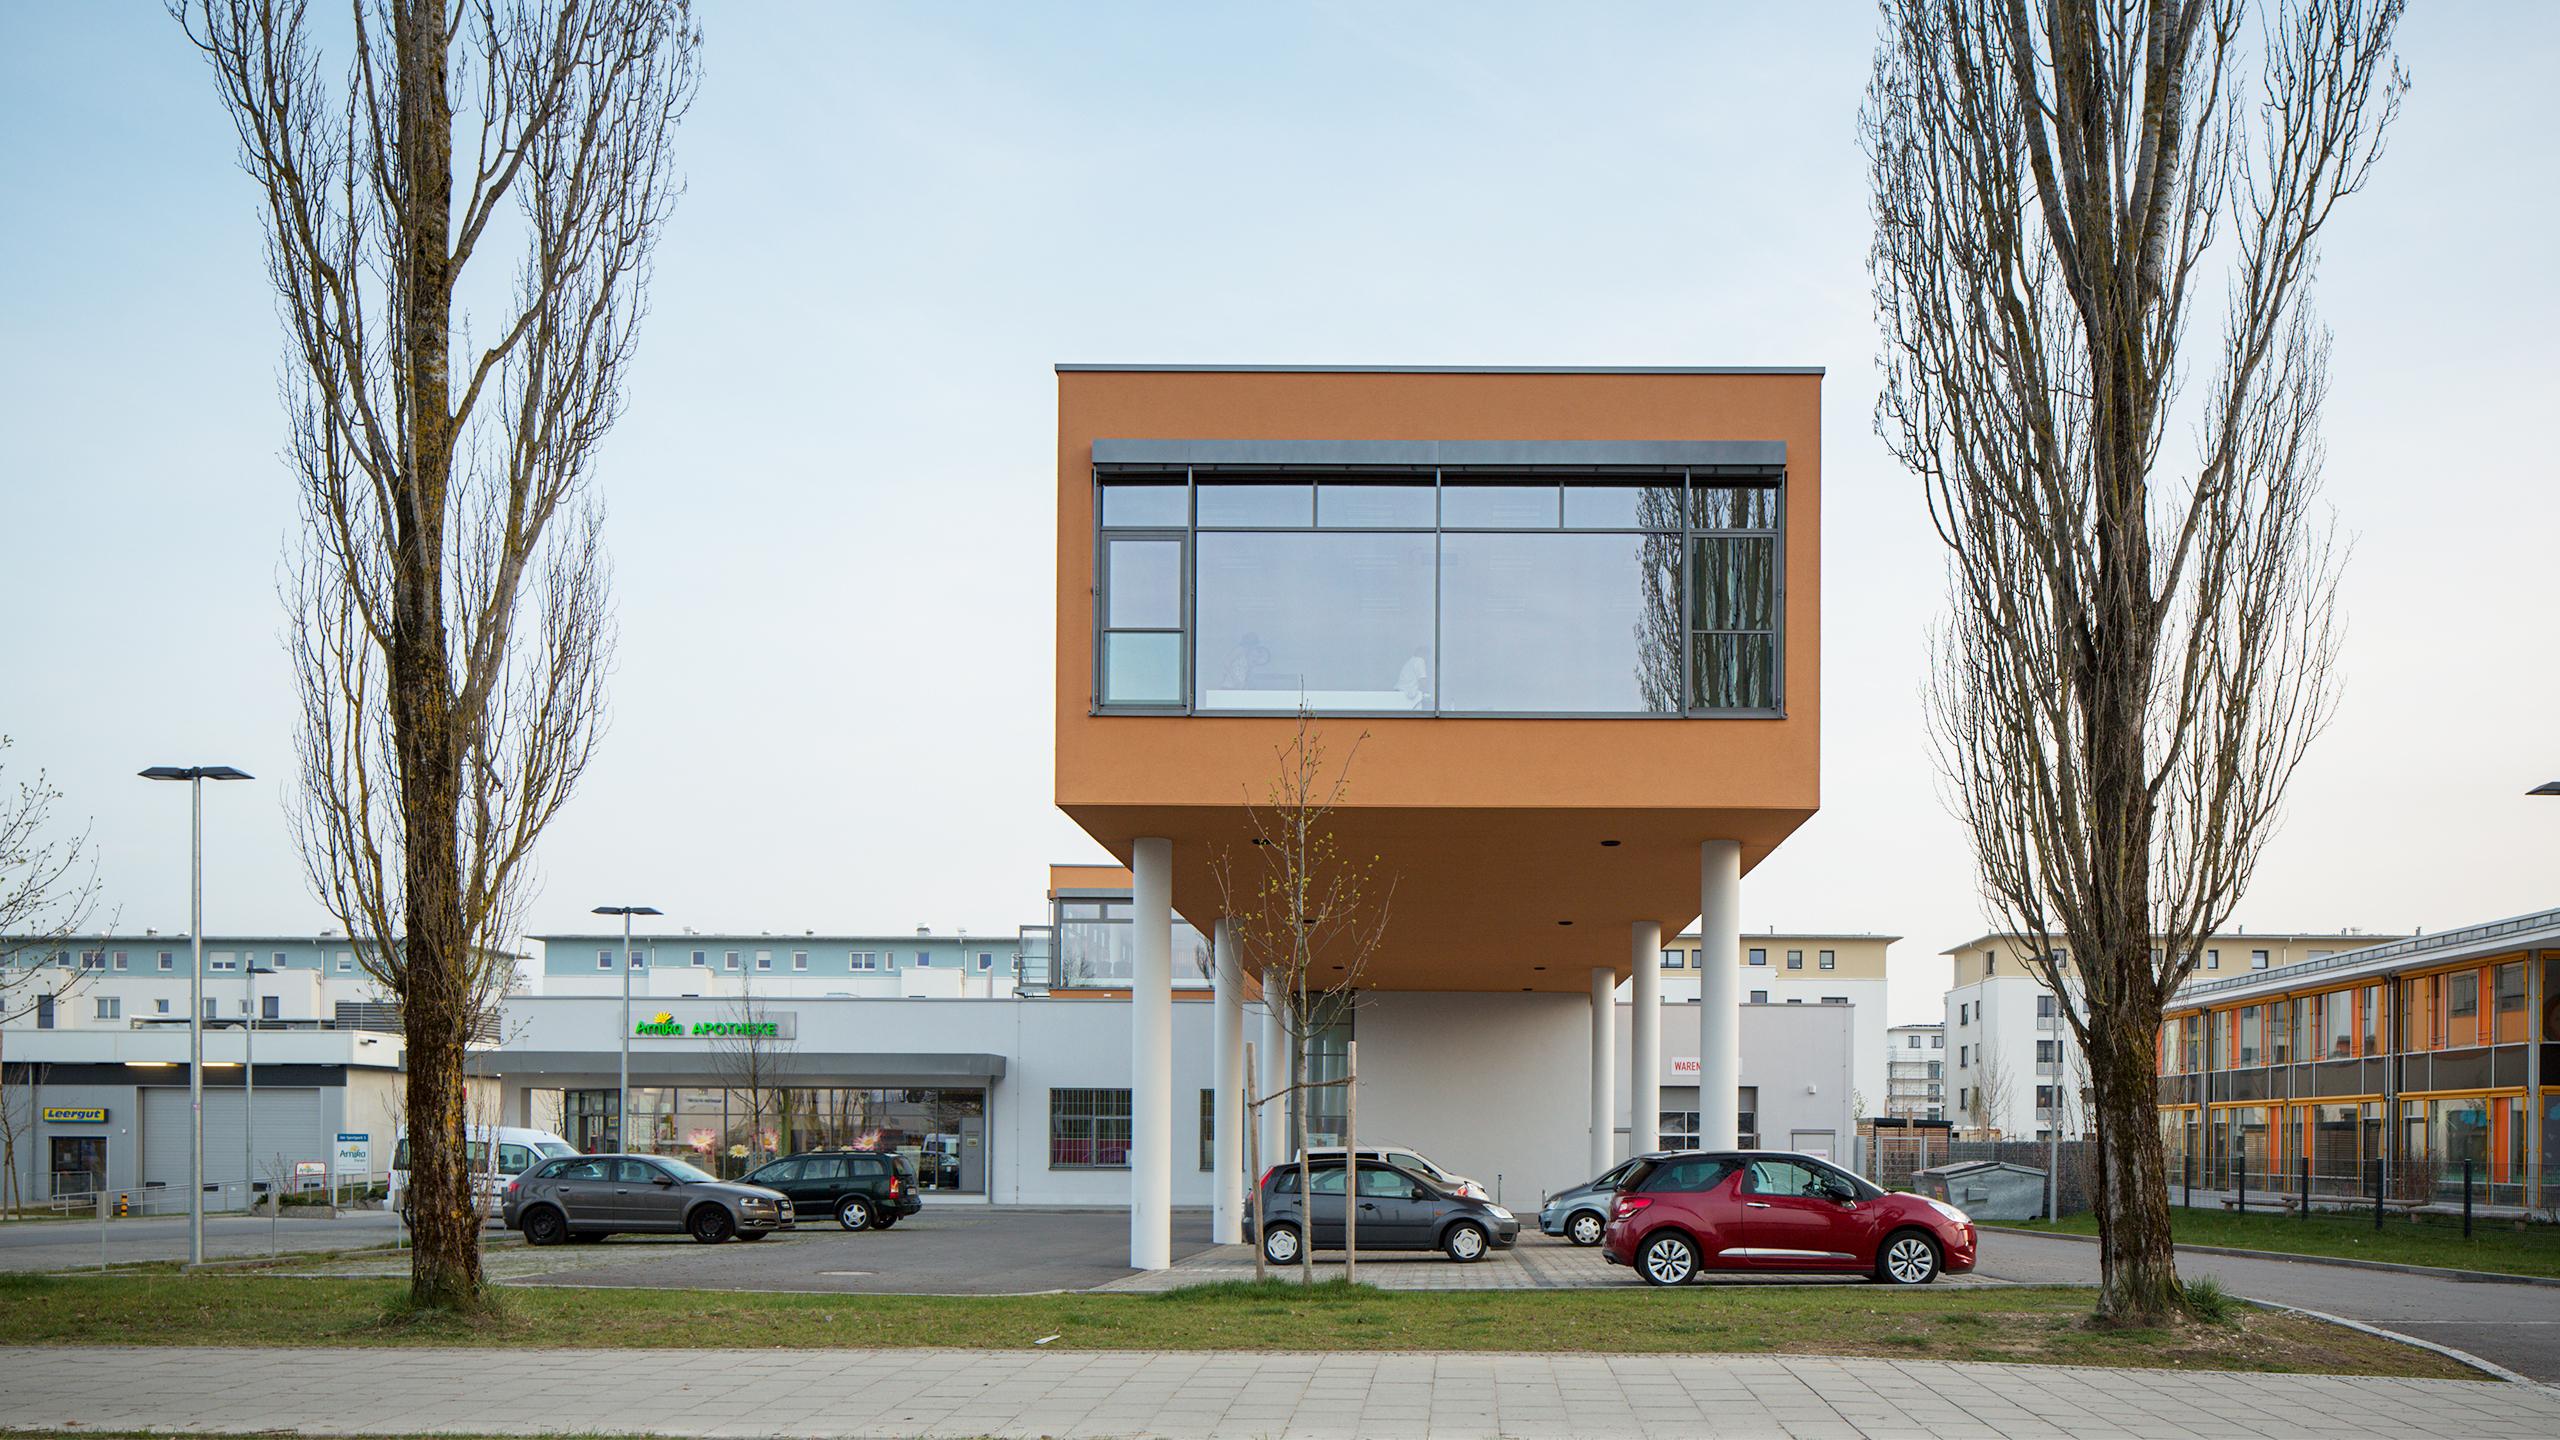 Apotheke Architektur Bottler Lutz Müncehn